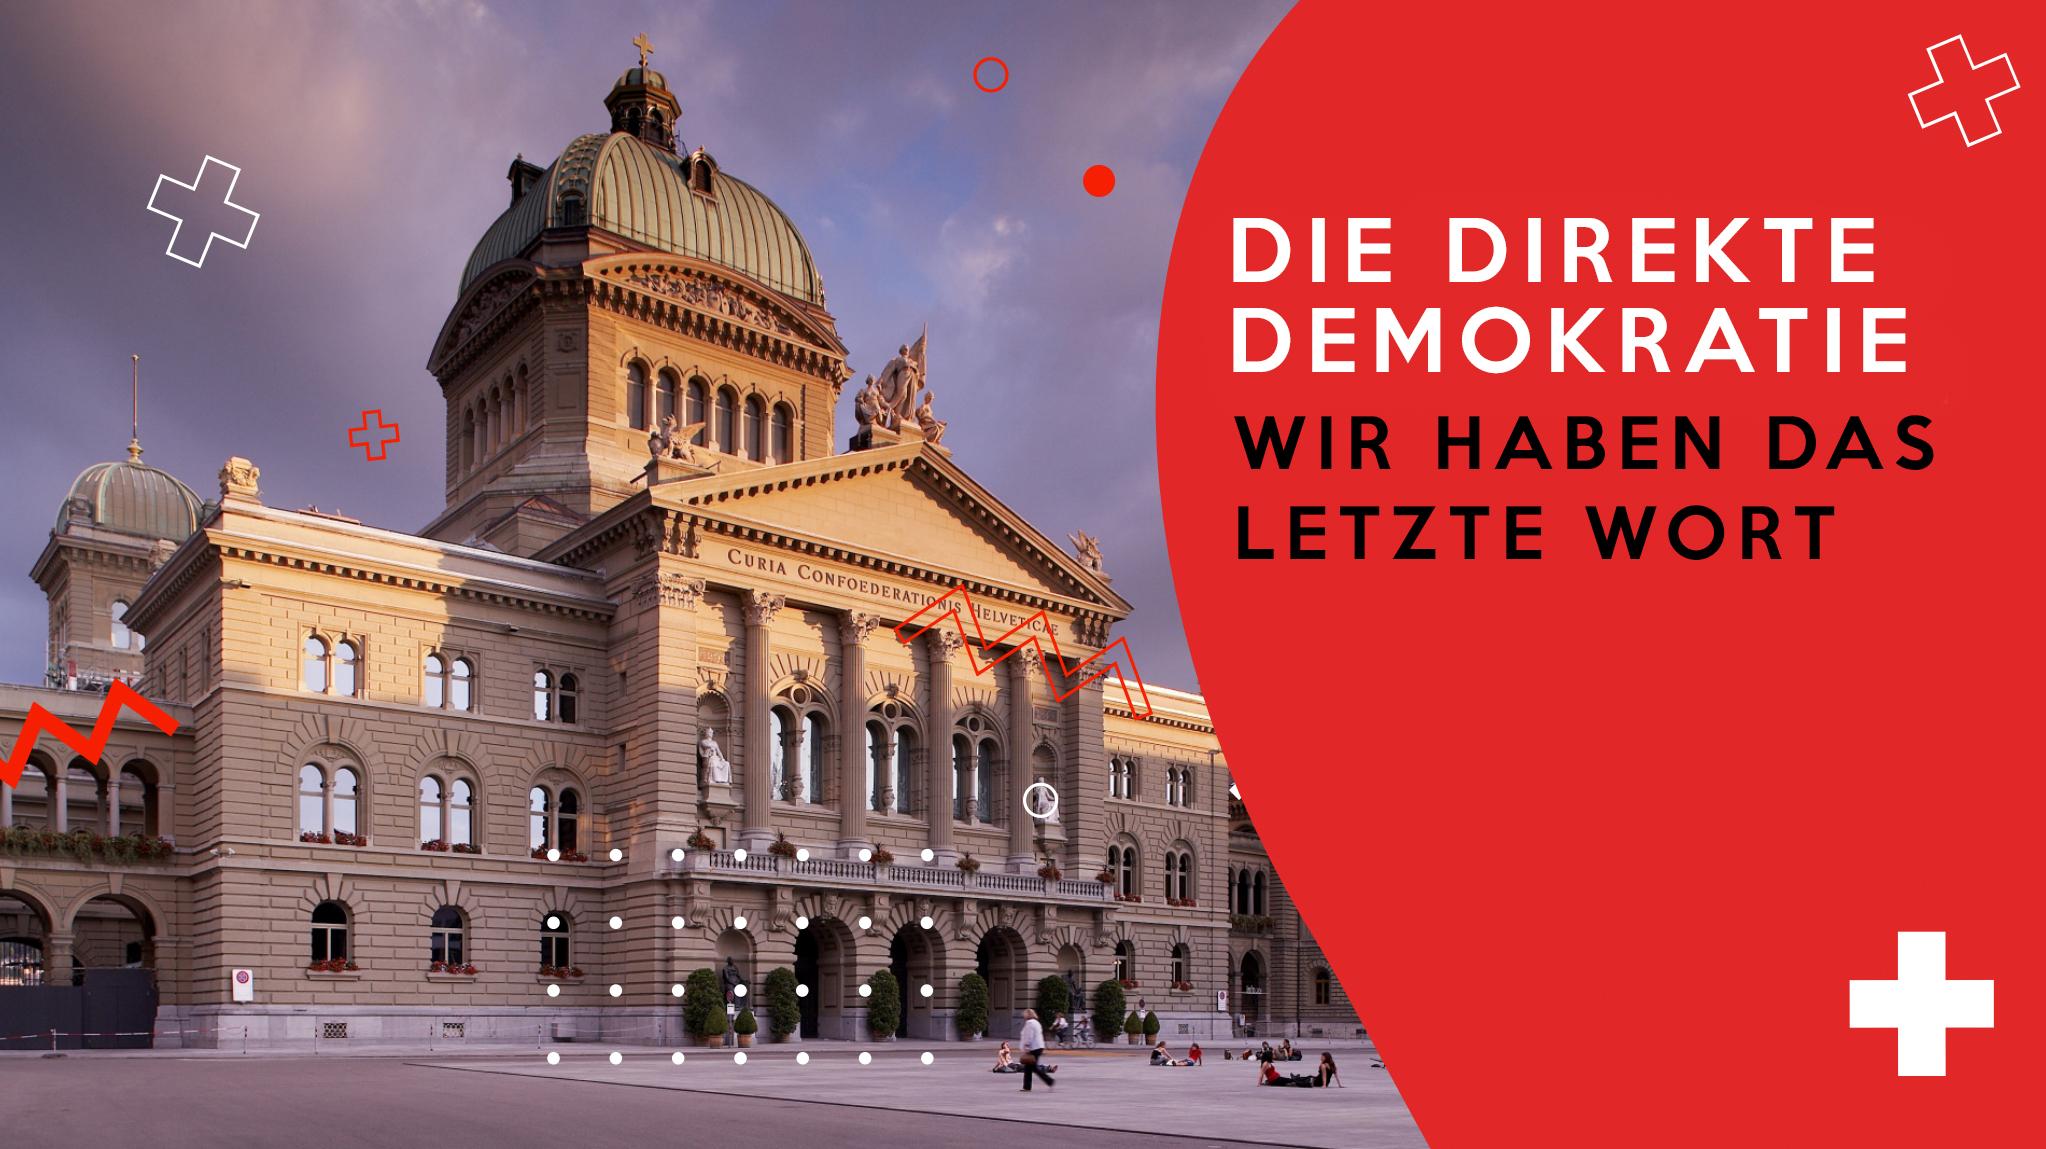 Die direkte Demokratie